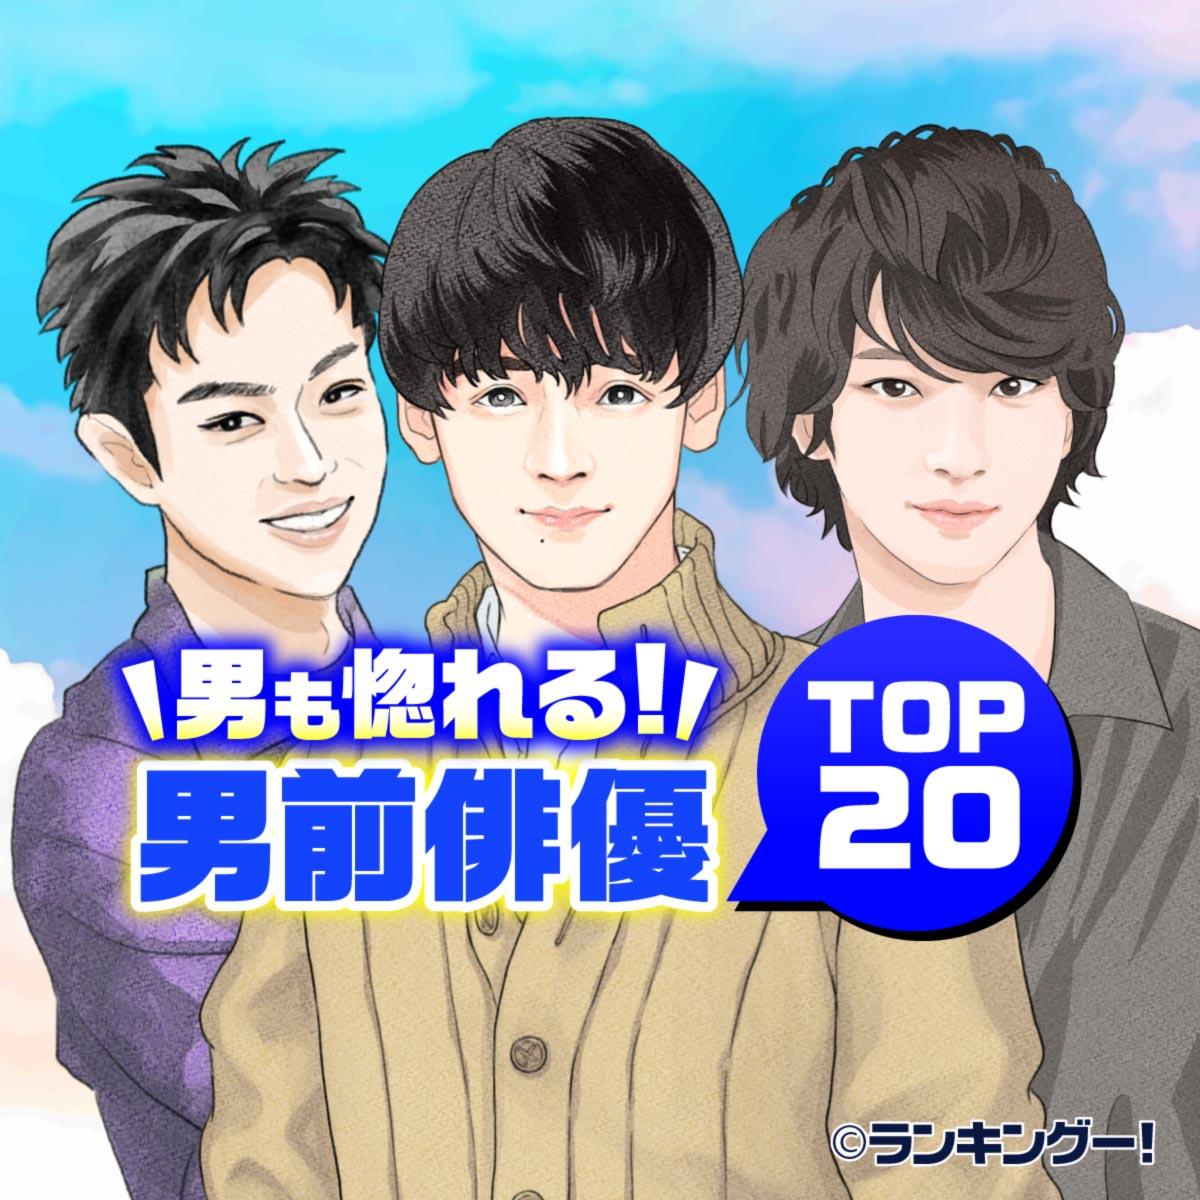 音楽 俳優 30 活動 代